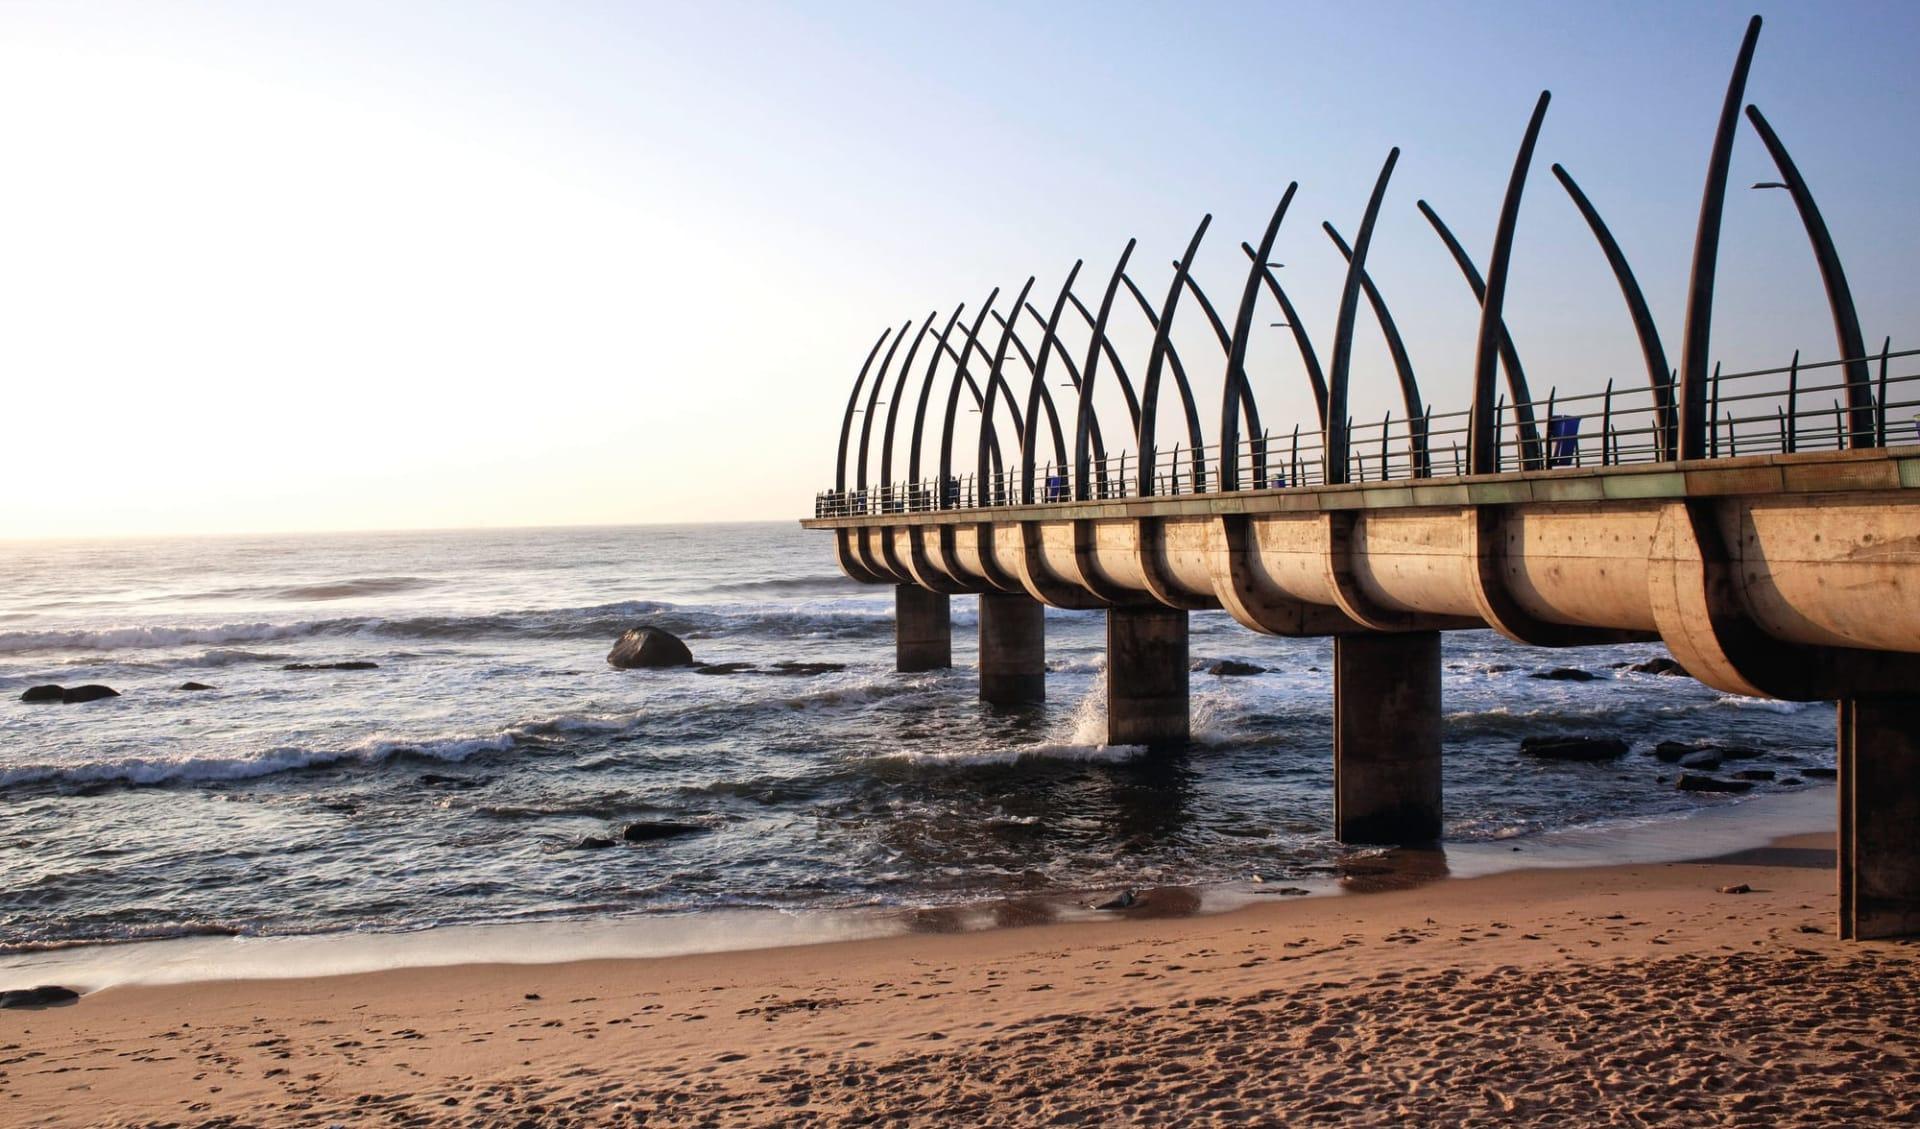 Südafrika Klassiker Privatreise ab Johannesburg: Südafrika - Durban - Meer